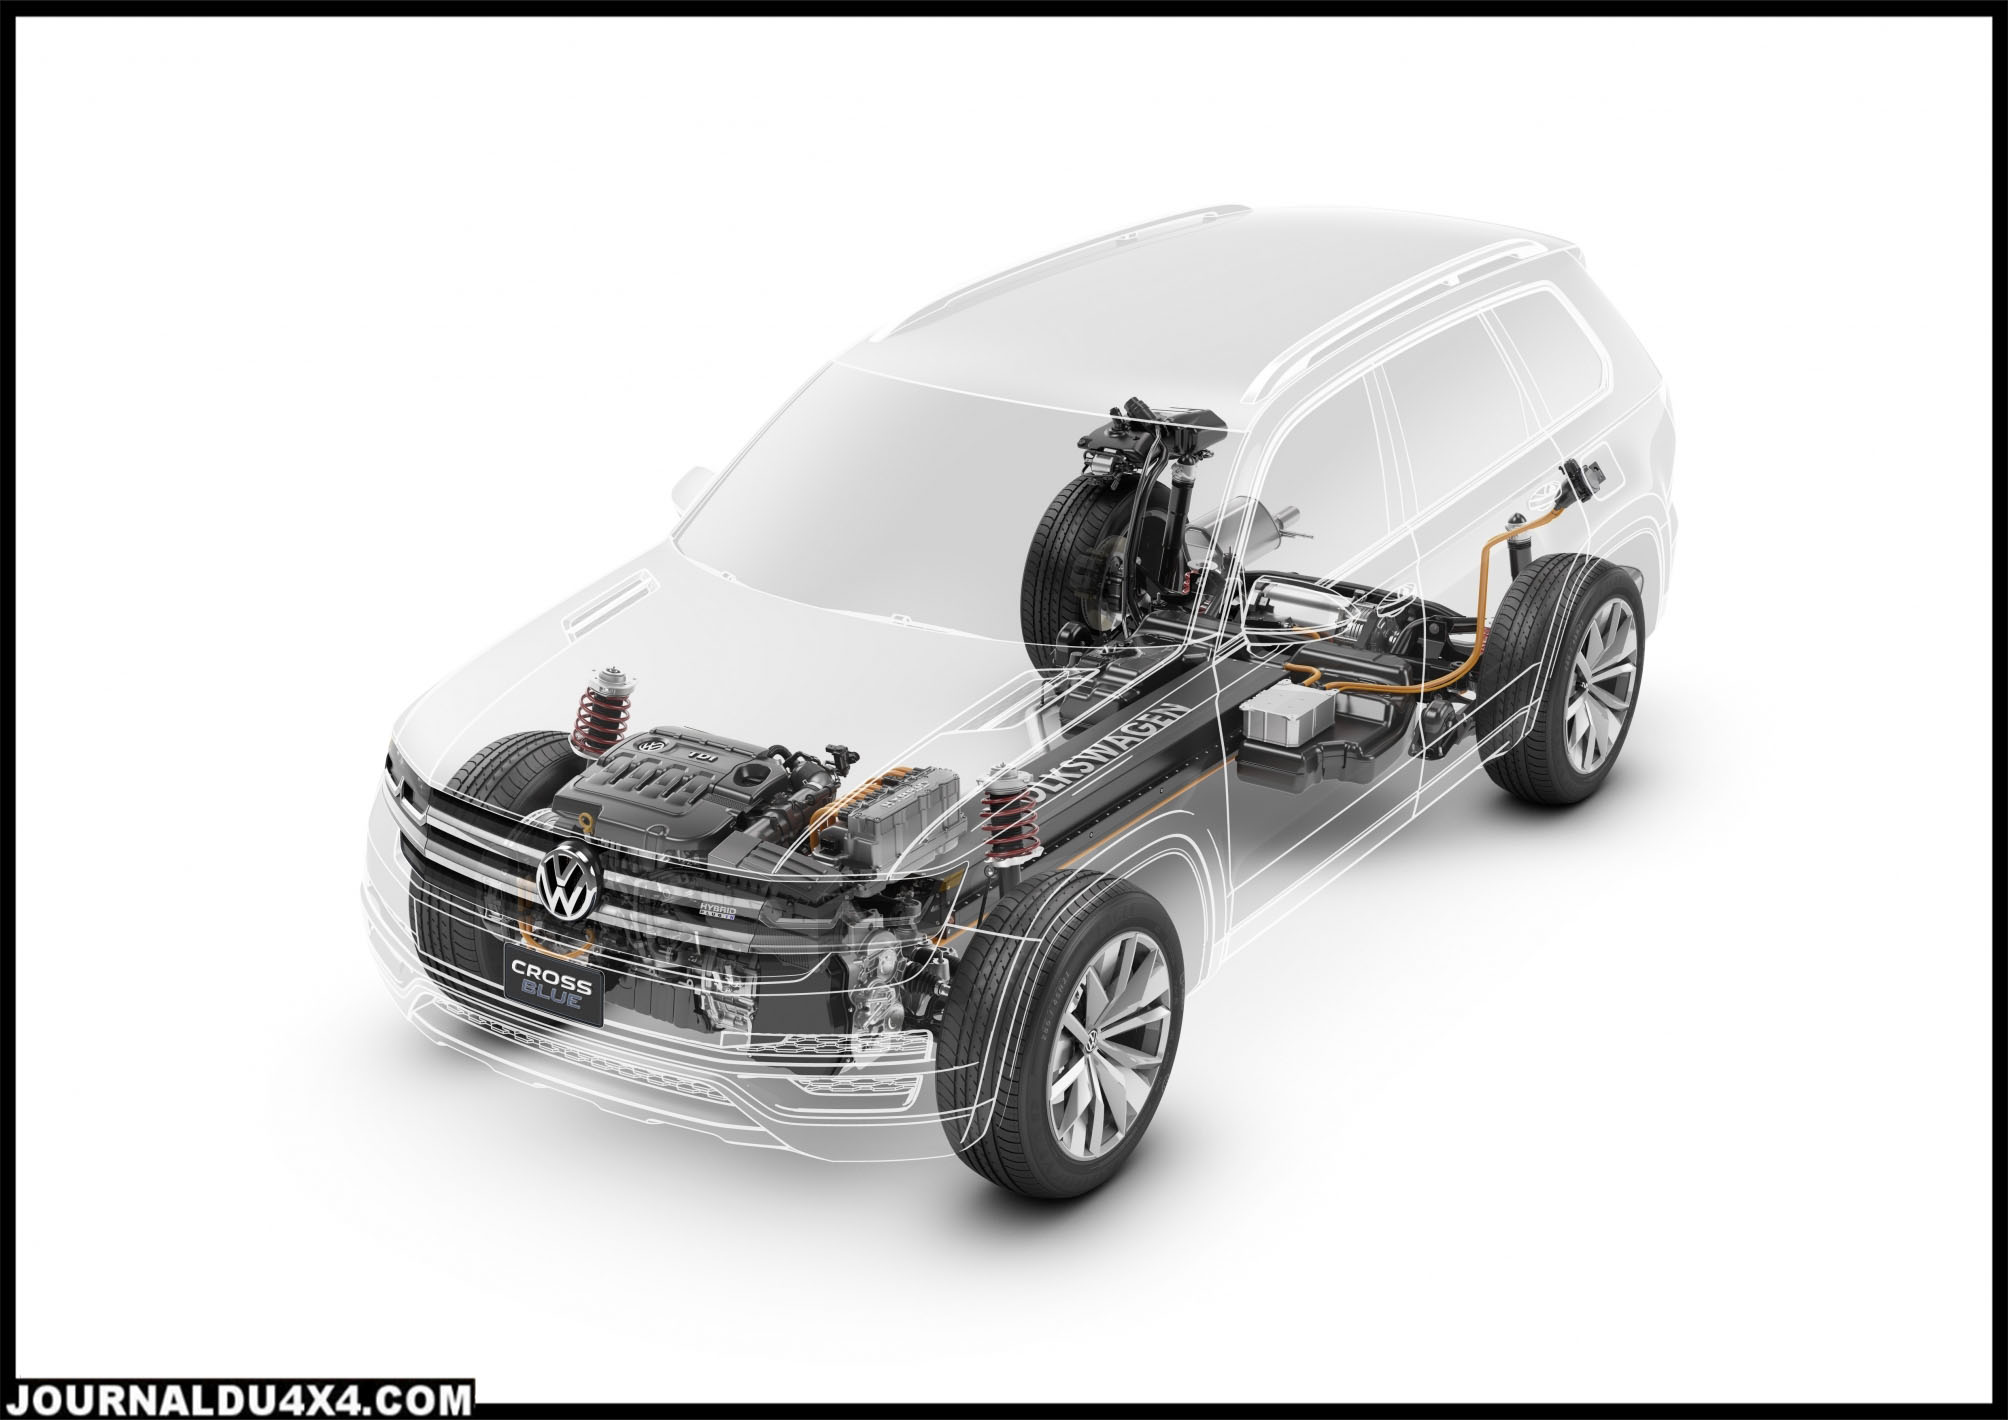 cross blue SUV de taille moyenne - six personnes, diesel plug-in hybride